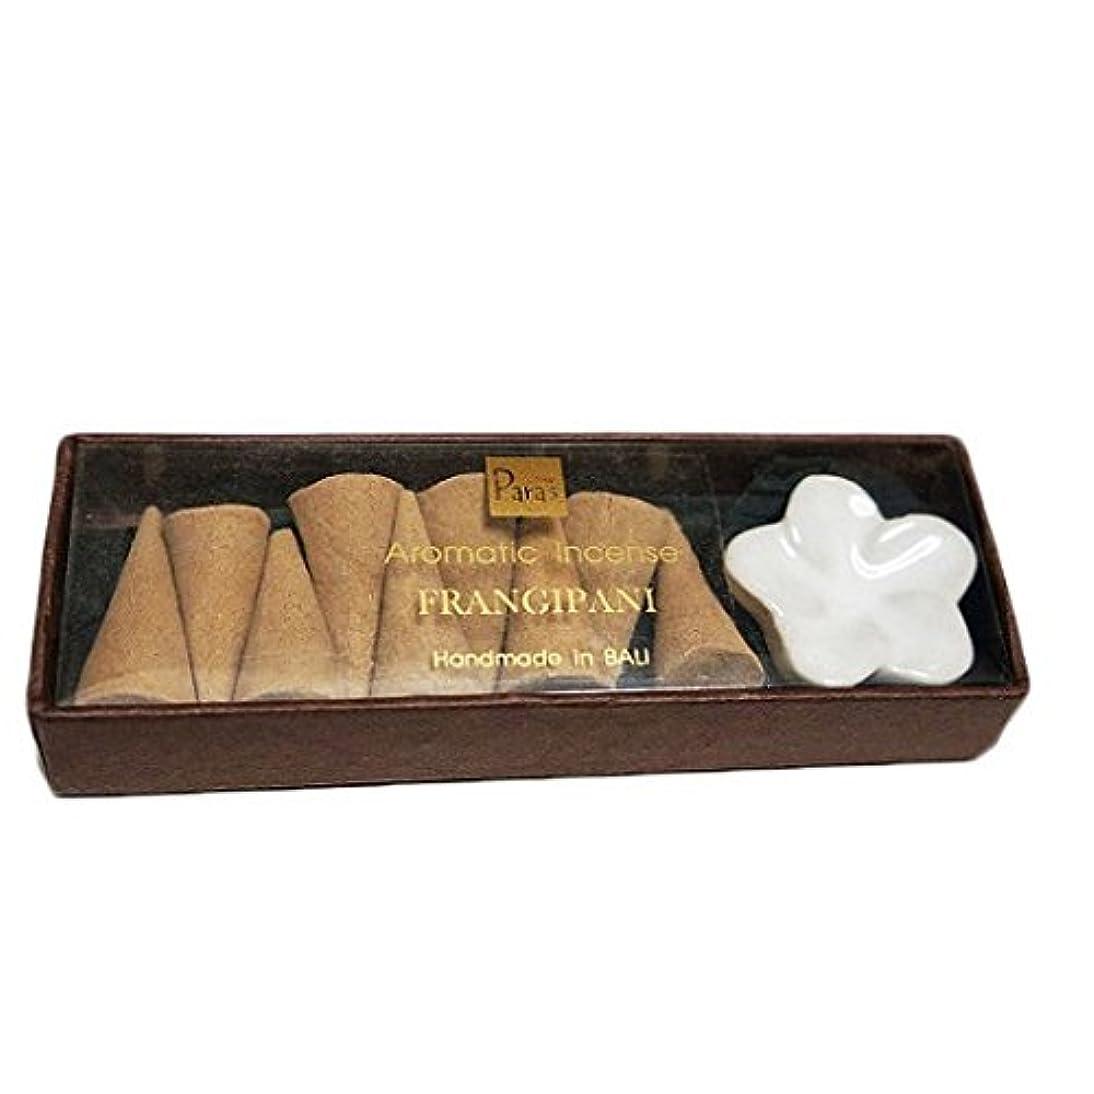 中間換気するレールフランジパニ お香セット【トコパラス TOKO PARAS】バリ島 フランジパニの陶器のお香立て付き ナチュラルハンドメイドのお香